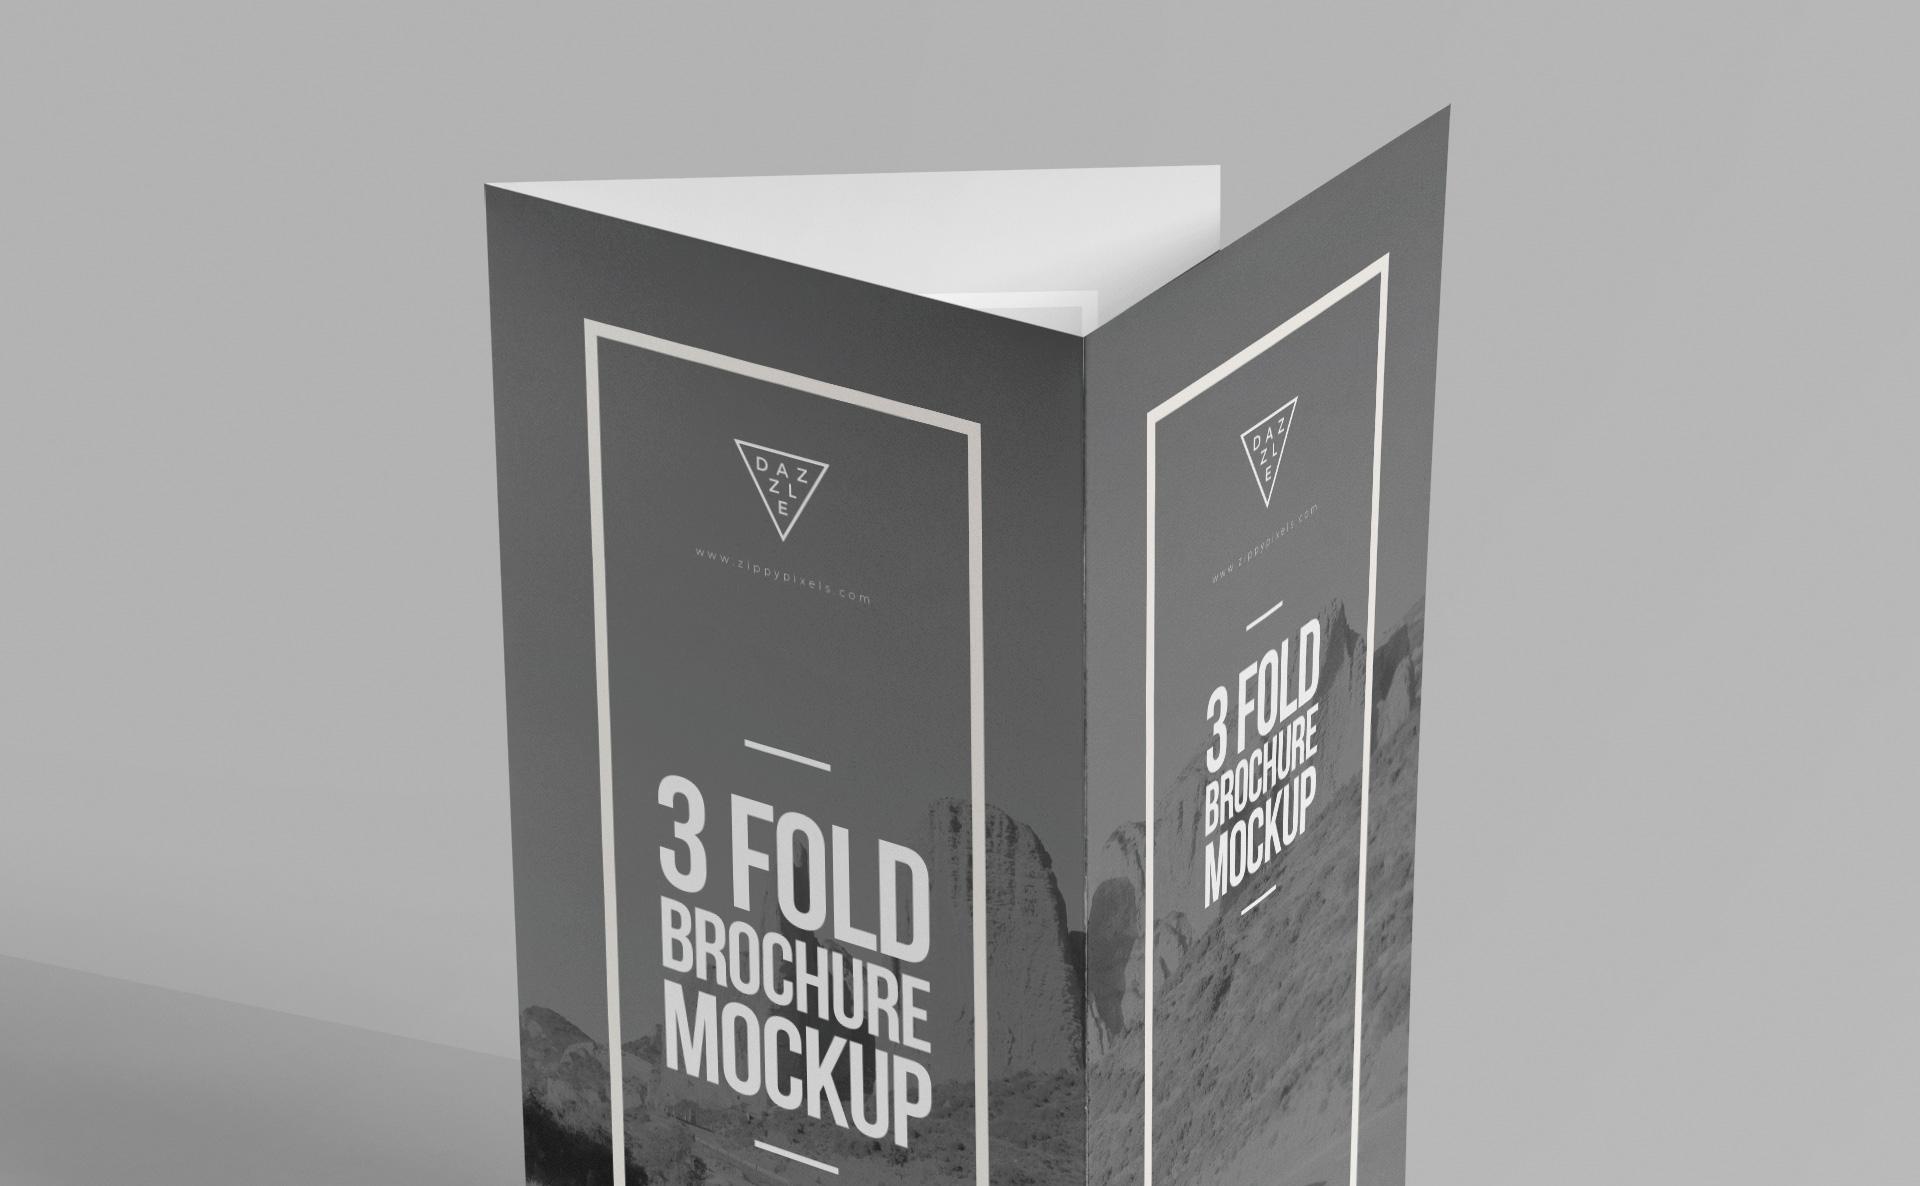 优雅的三折小册子样机智能贴图样机115-3-fold-brochure-mockup-free